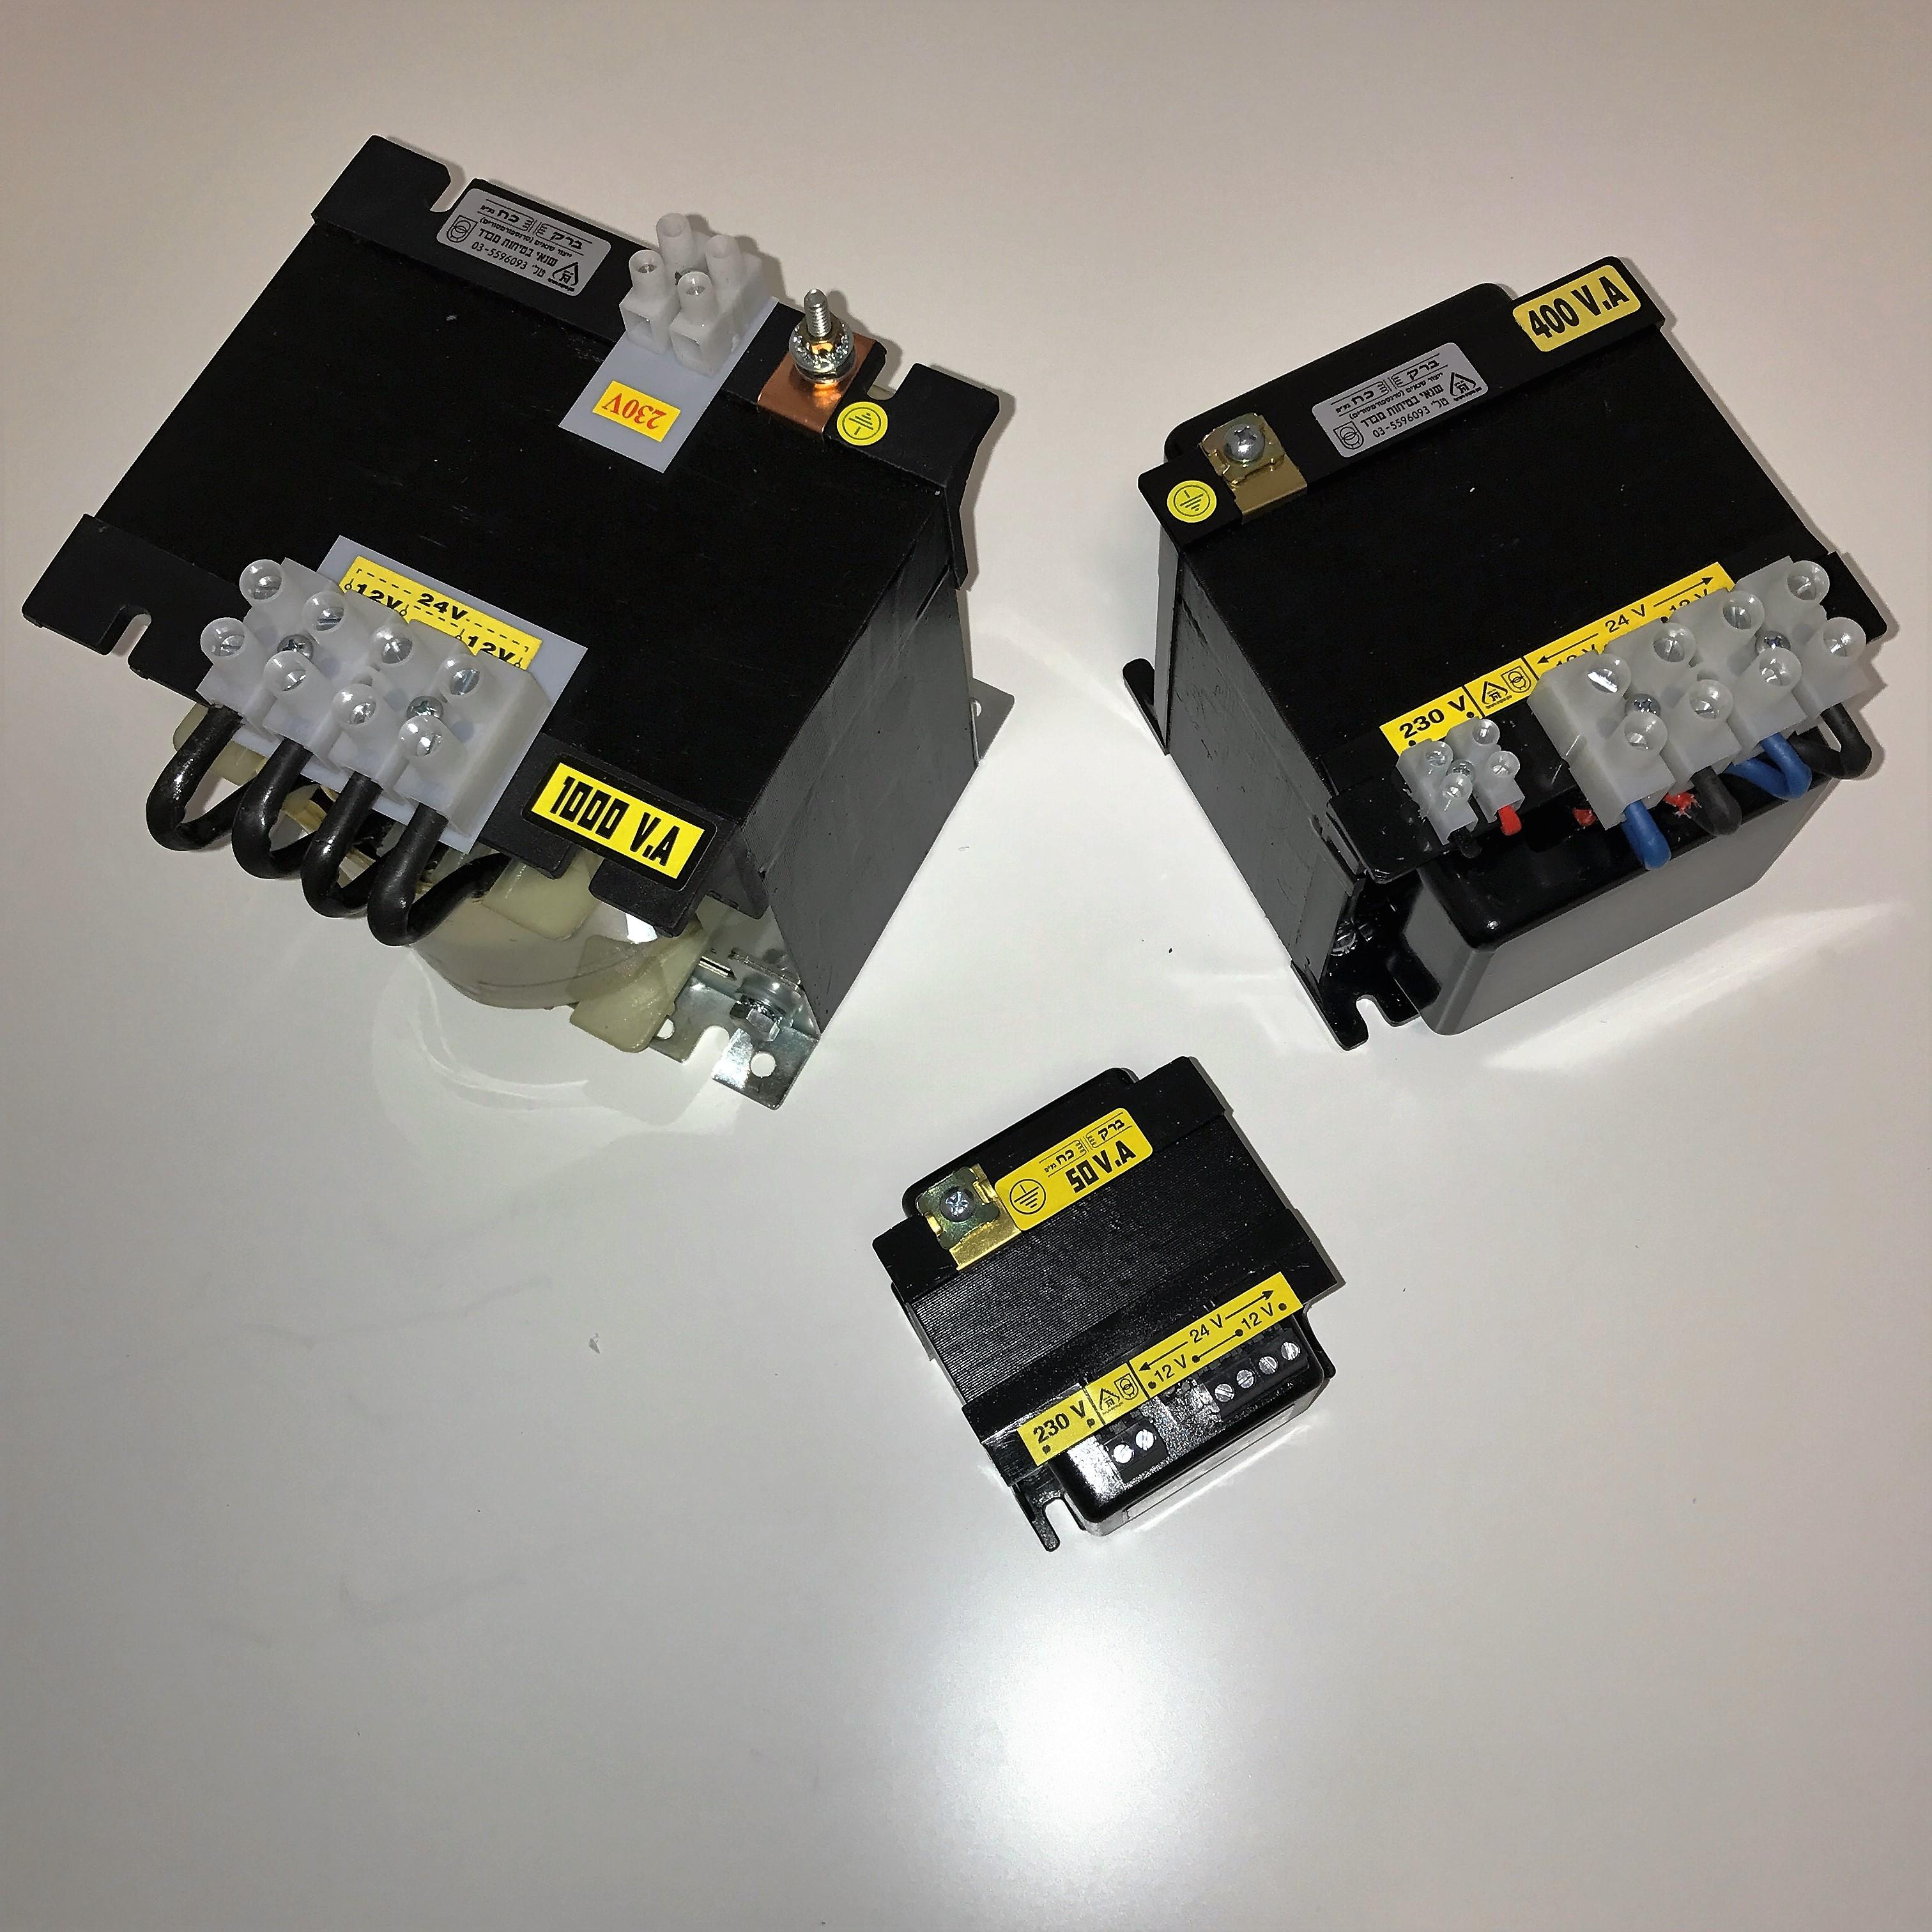 שנאי מבדל בהספק 750VA במתחים 230V-24V